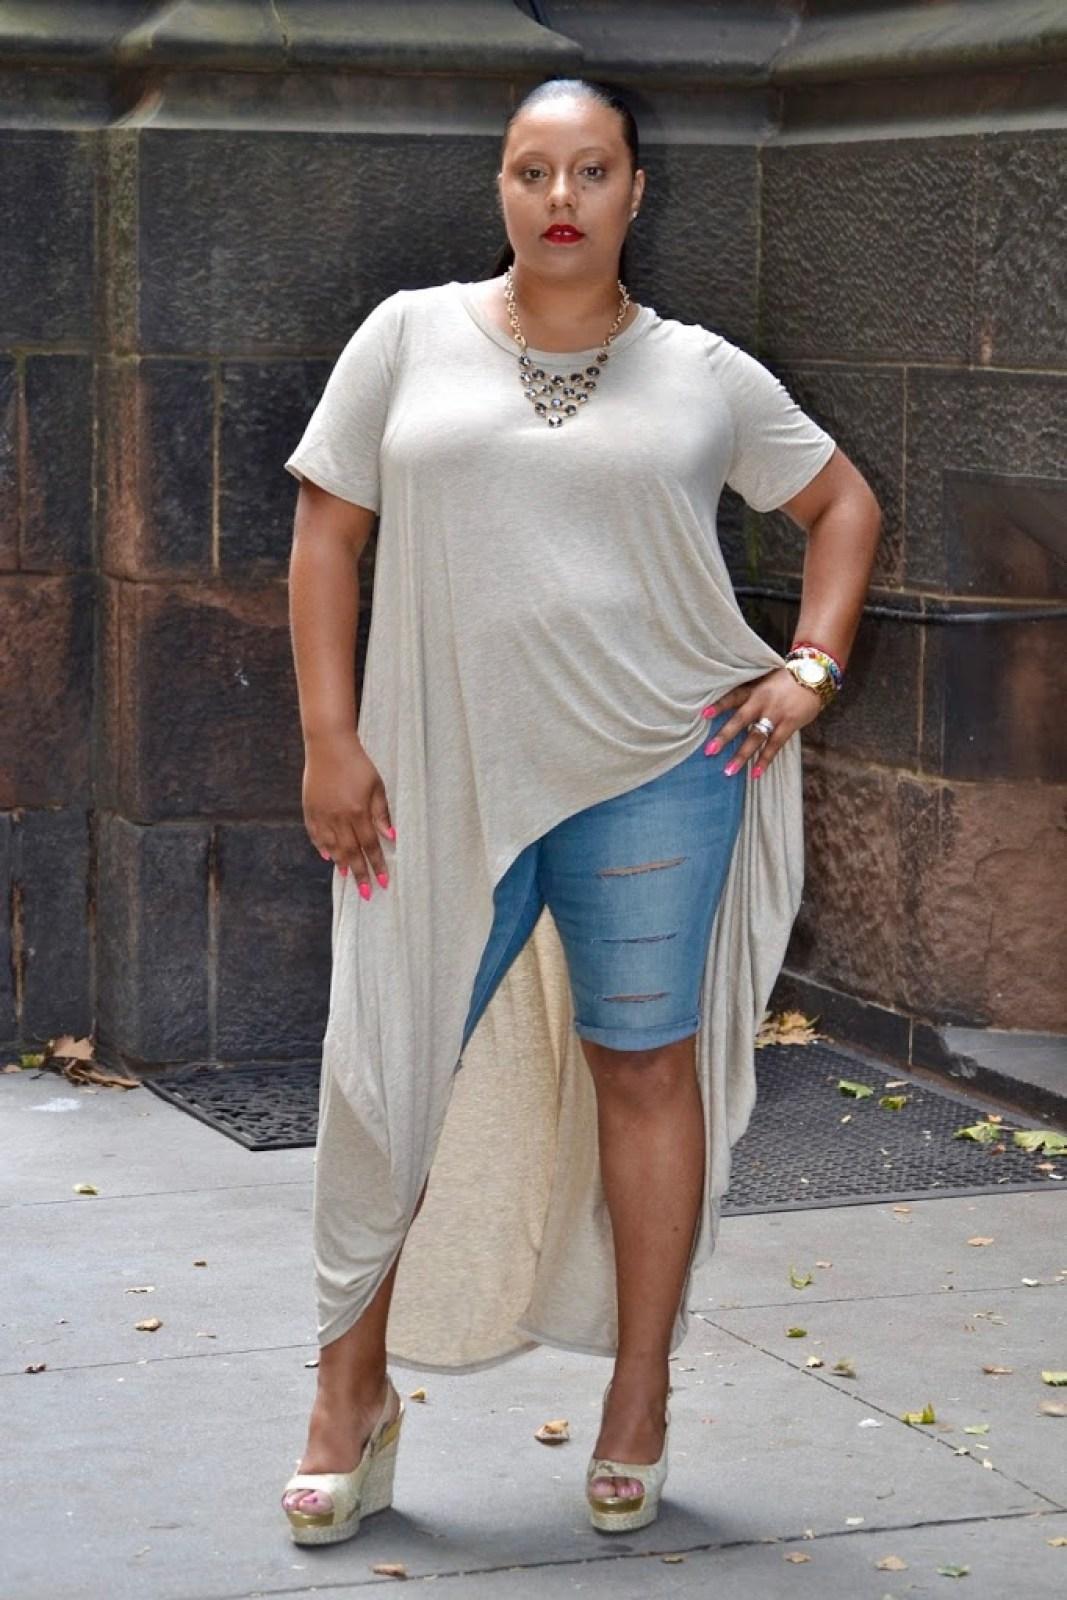 SUMMER STYLE SHIRT DRESS + JEANS